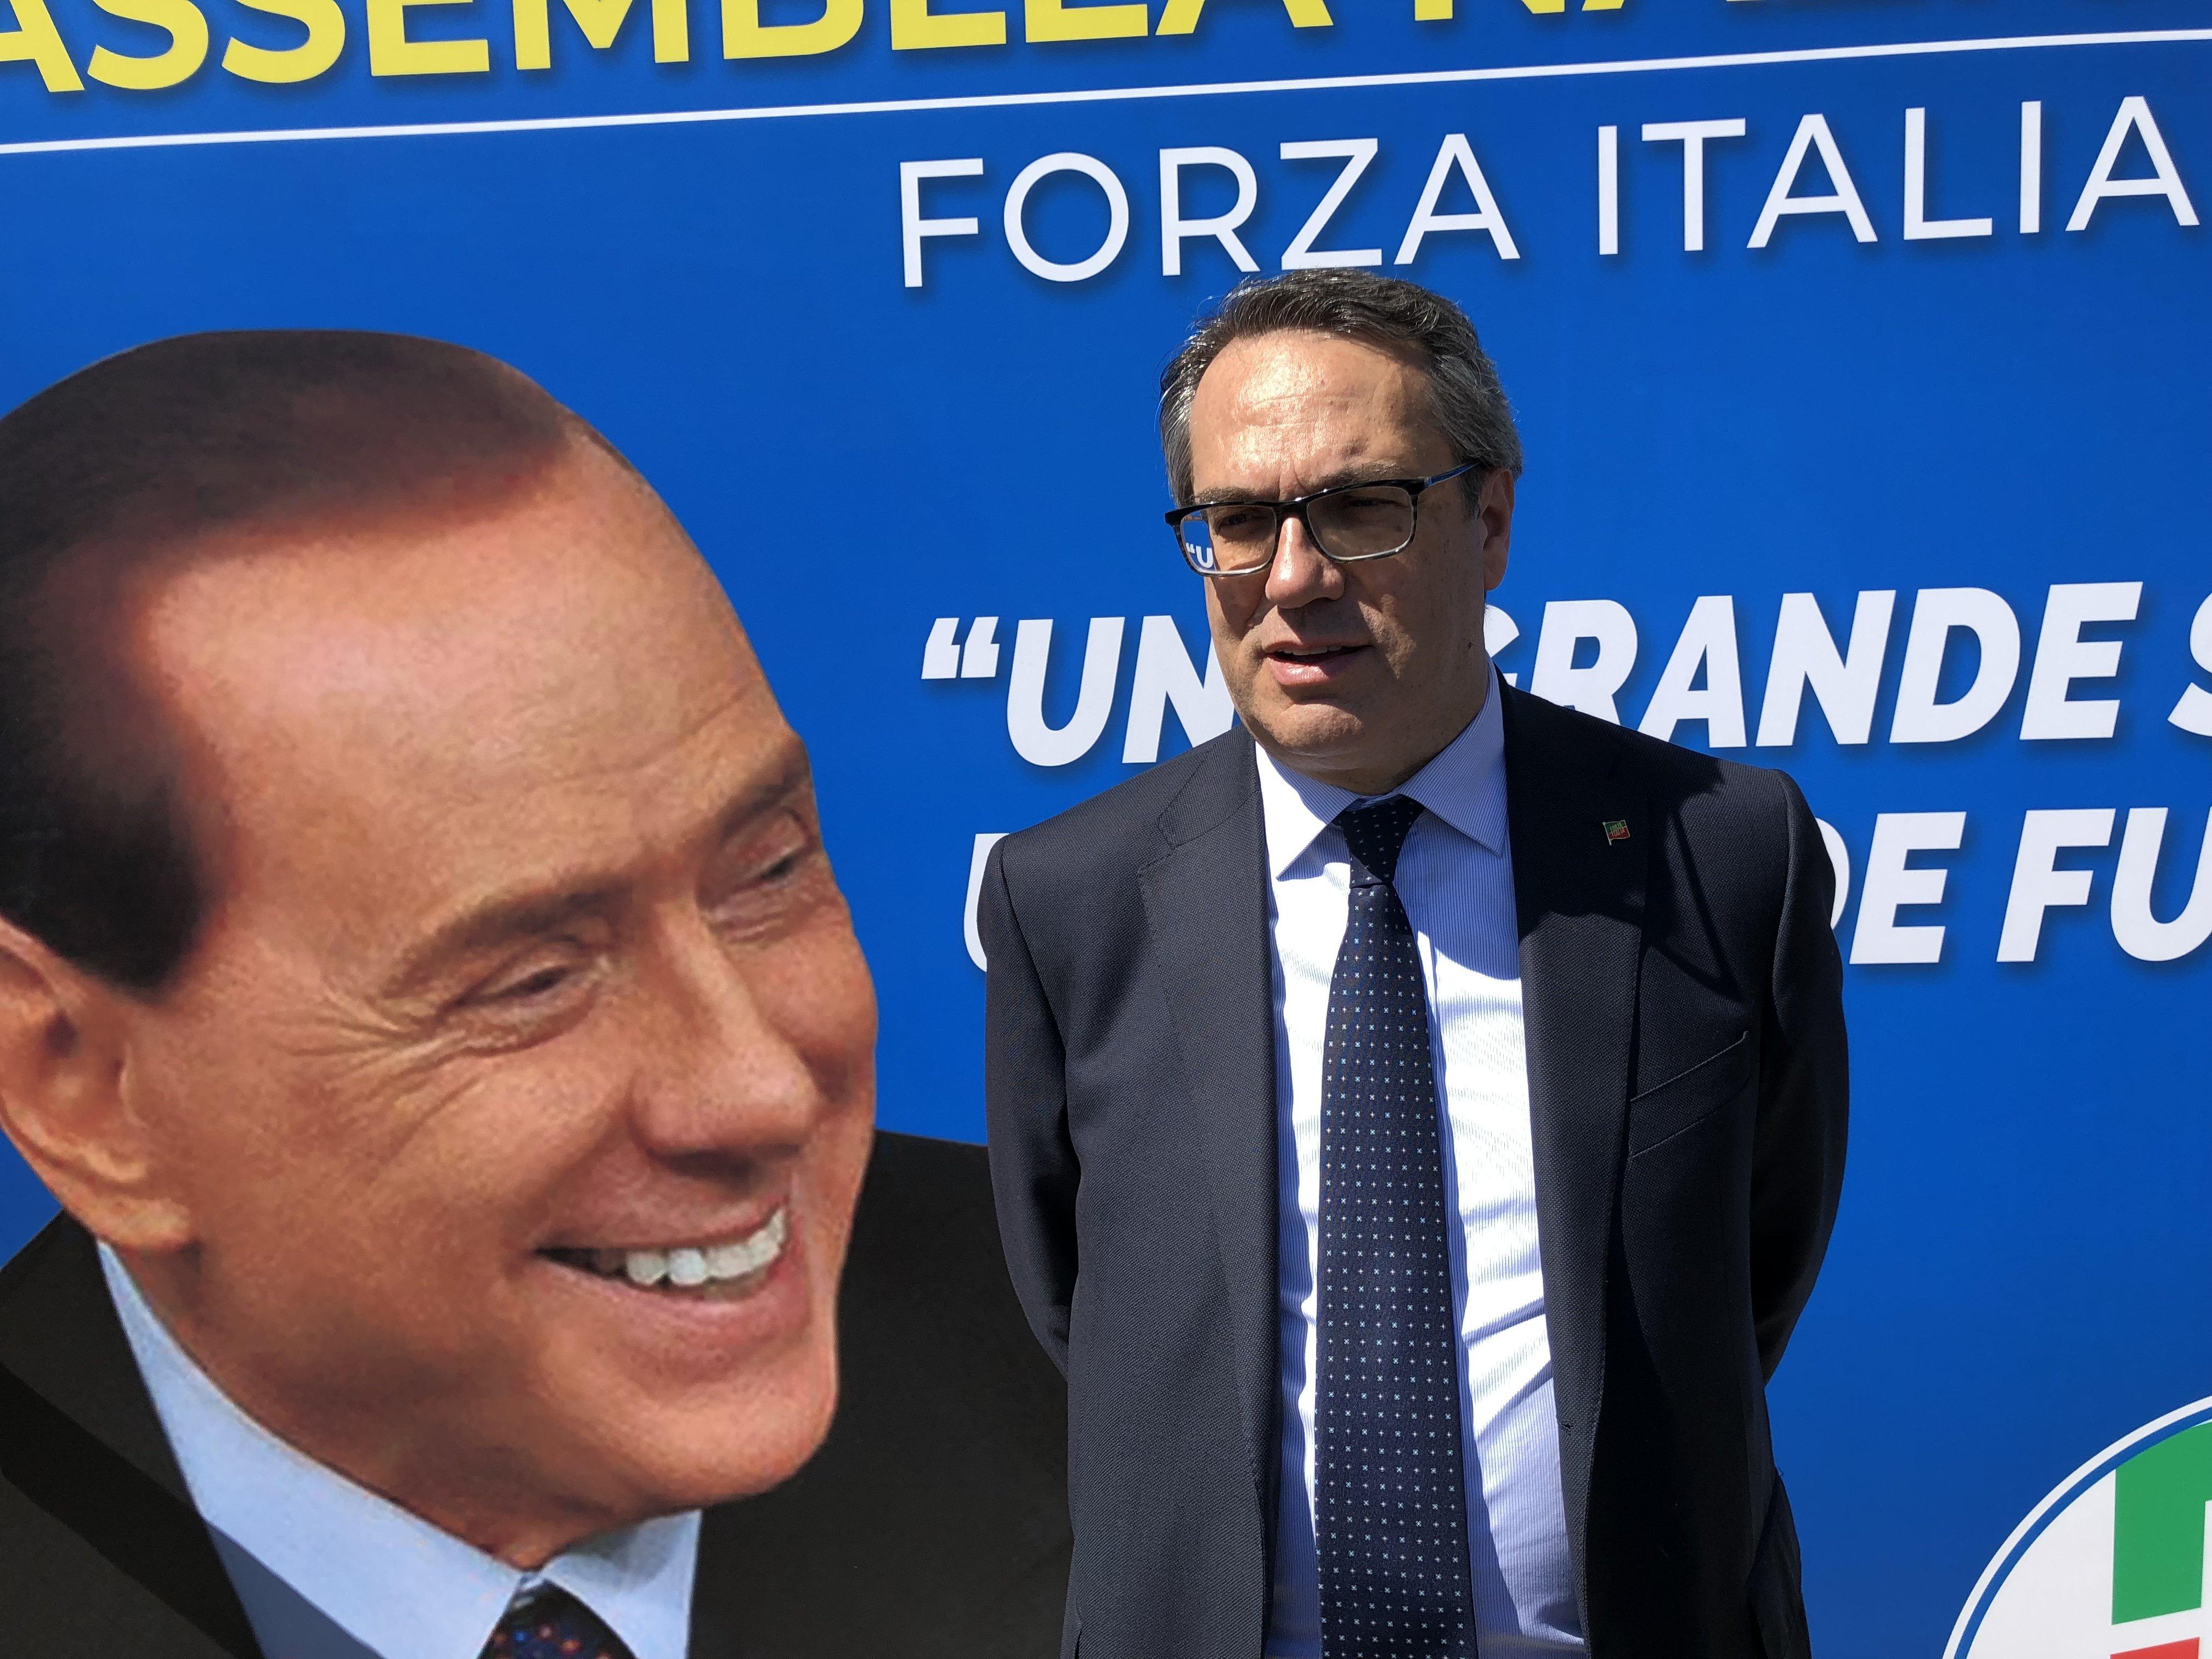 Assemblea Nazionale: Arezzo c'è! 23